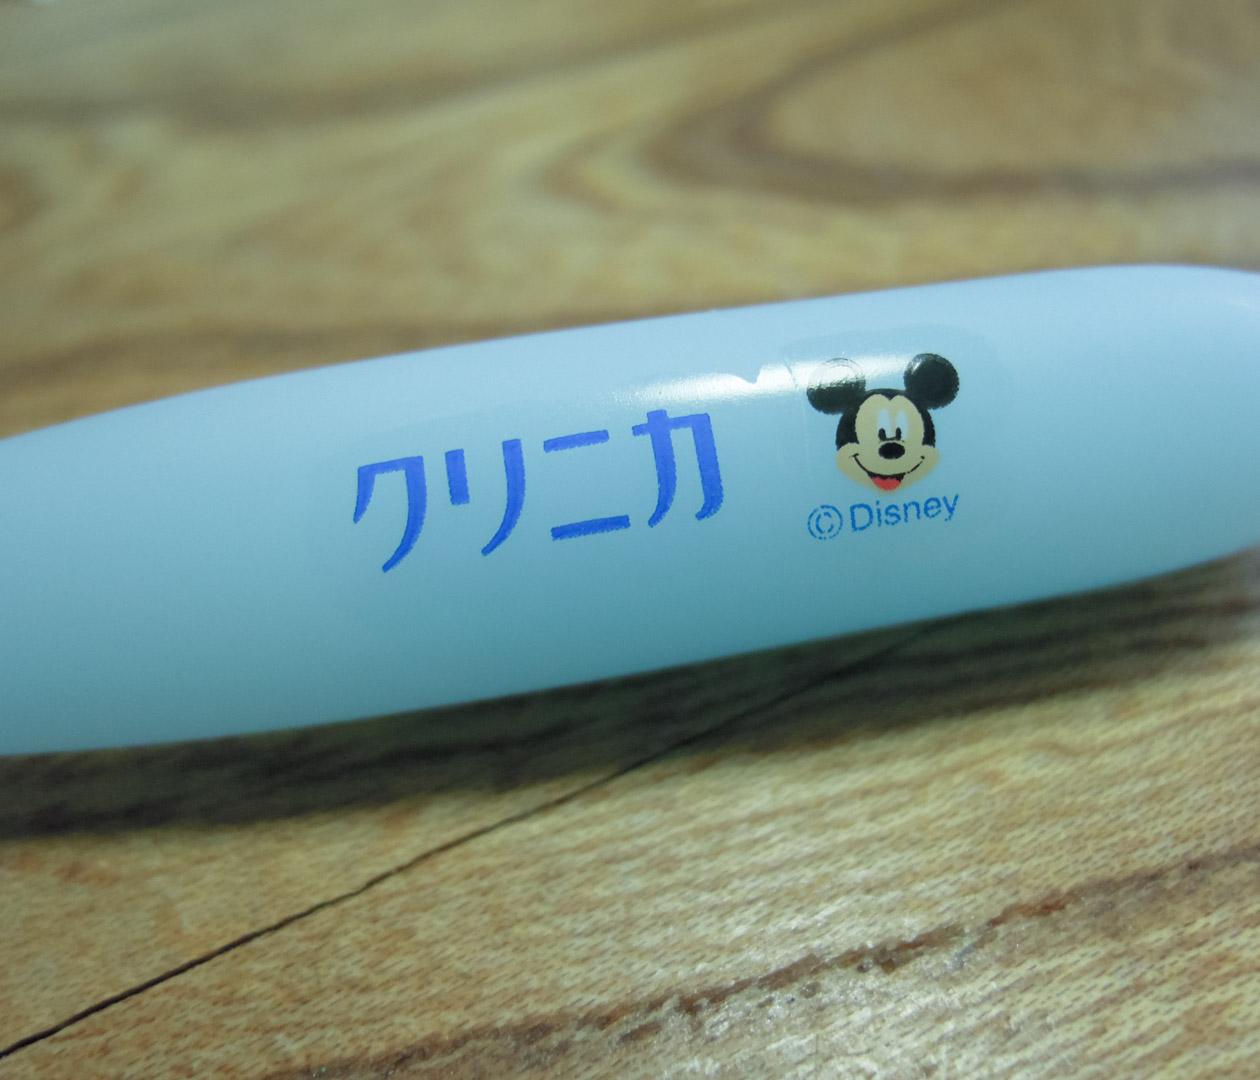 曲がる歯ブラシ(ライオン)で磨いてみた